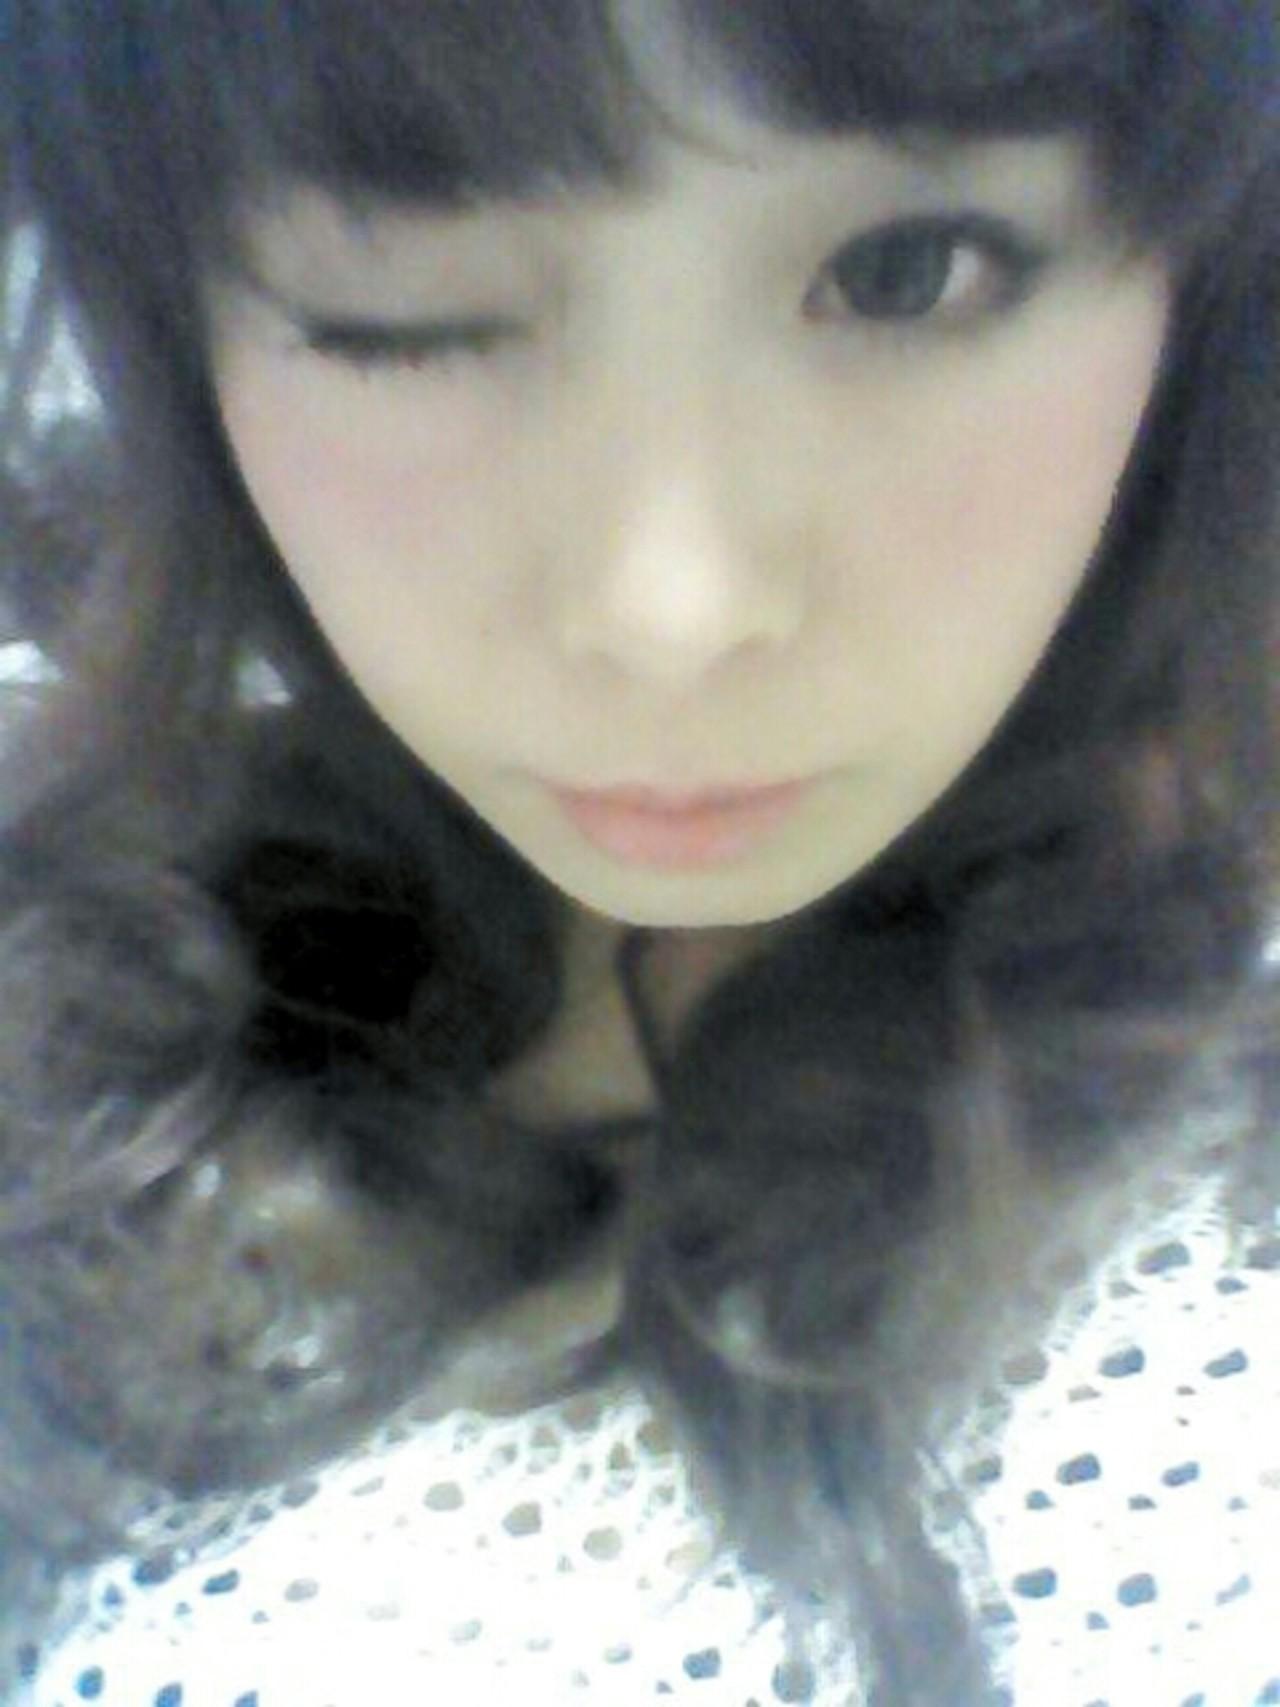 セミロング かわいい 愛され ワイドバング ヘアスタイルや髪型の写真・画像 | やす(やすこ) /